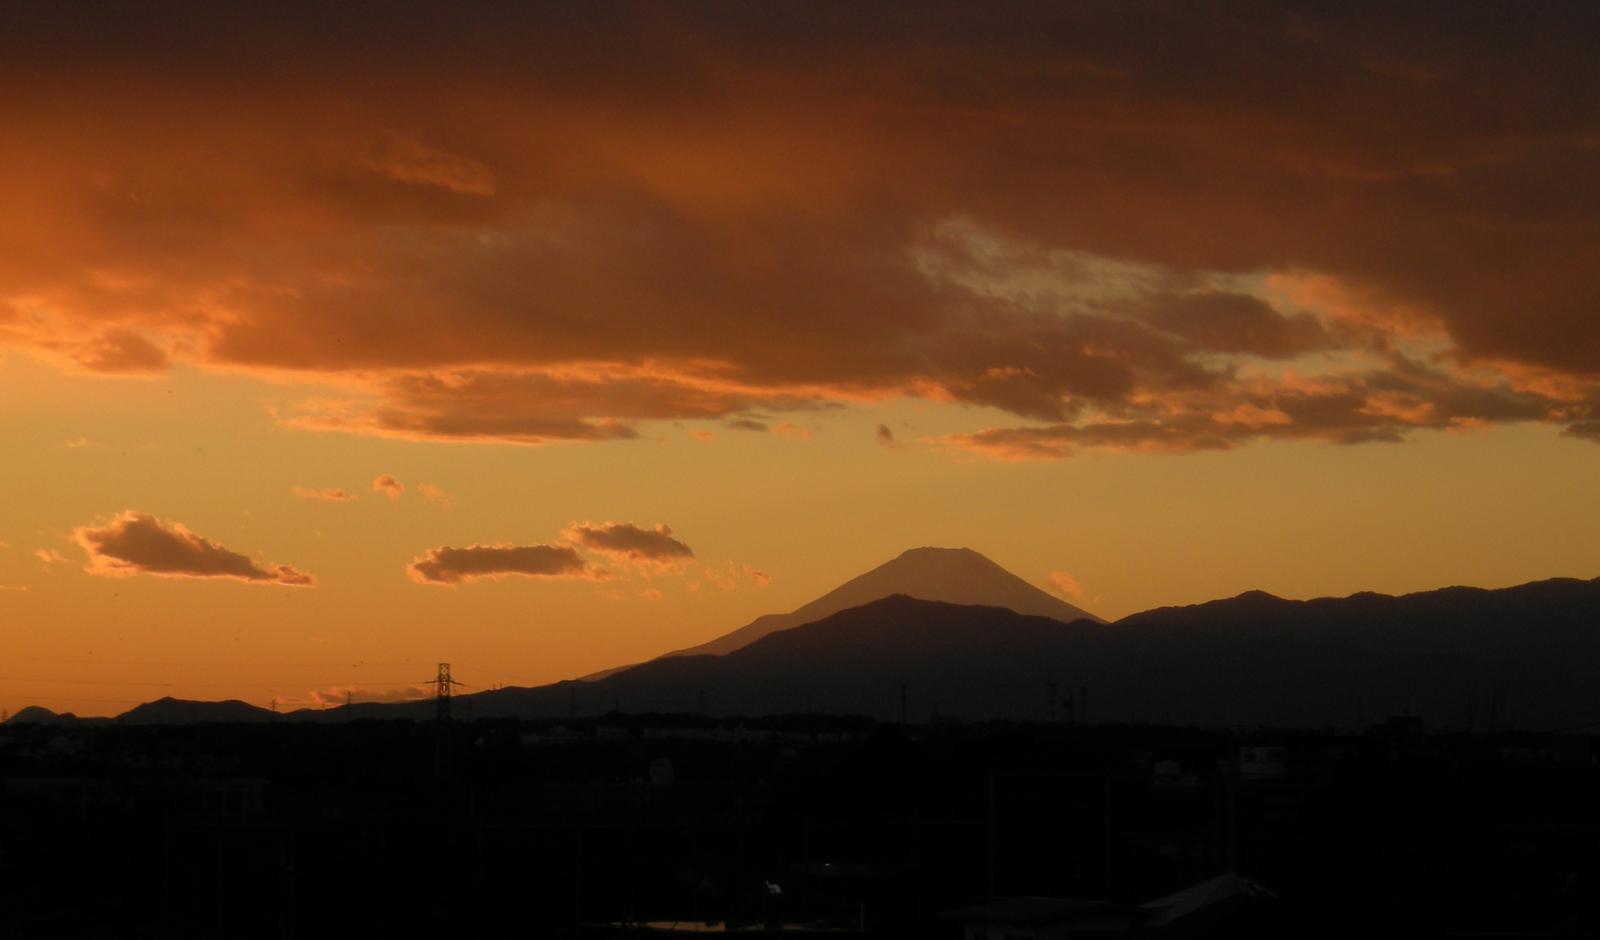 原岡海岸は美しい景色が広がる絶景スポット!ダイヤモンド富士も撮影できる?